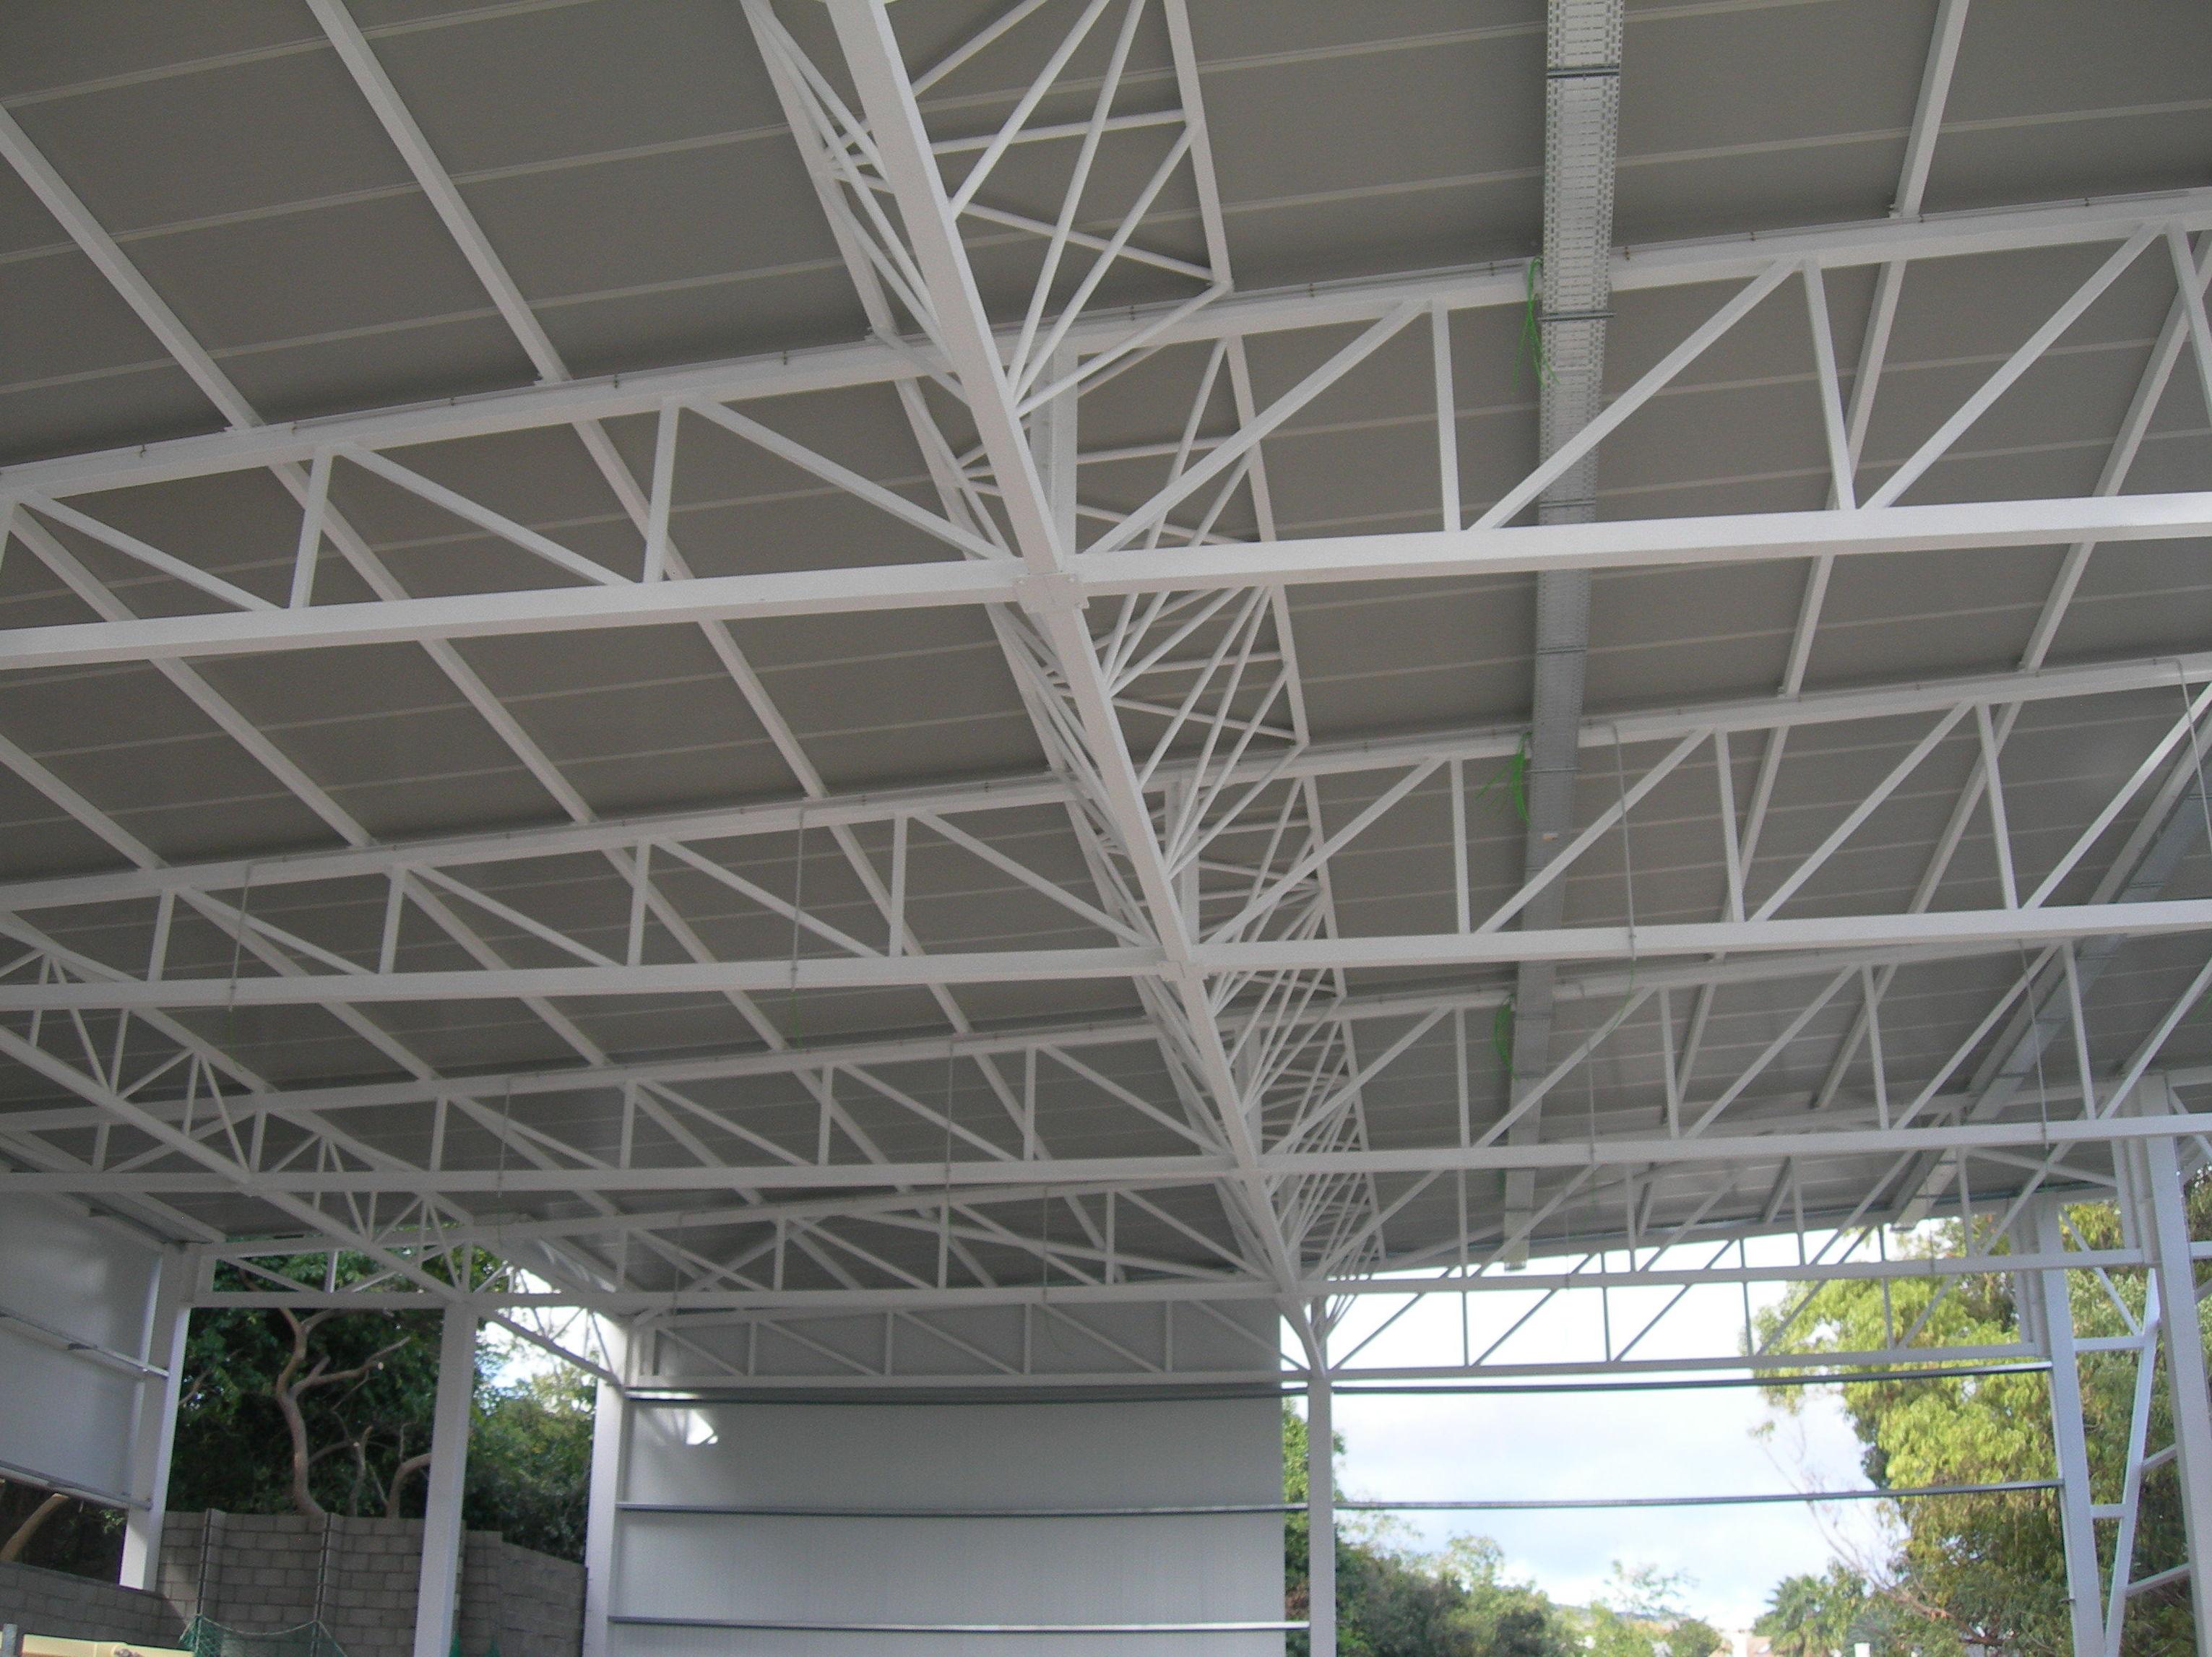 Construcci n de estructuras met licas - Estructuras metalicas tipos ...